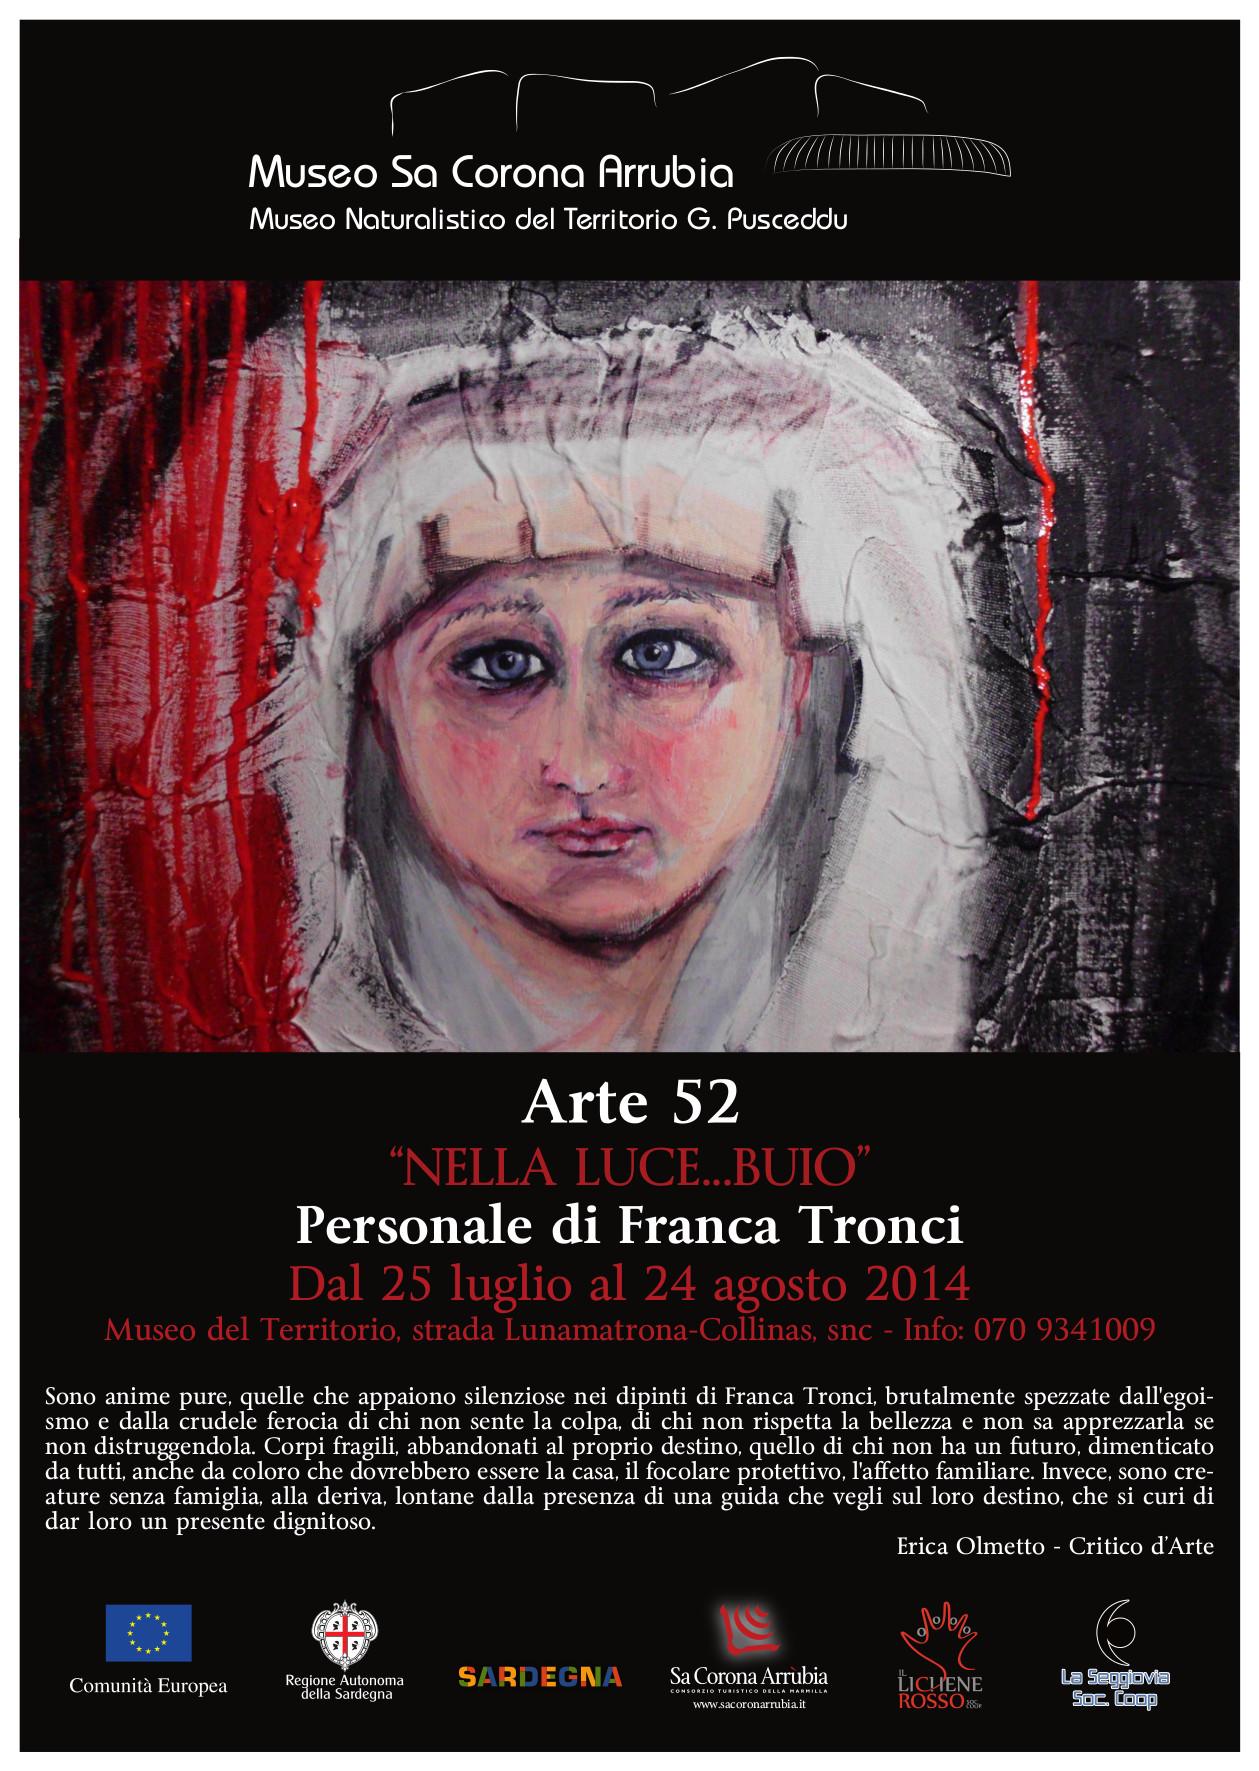 """Personale di Franca Tronci """"NELLA LUCE…BUIO"""" dal 25 luglio al 24 agosto 2014 Museo naturalistico del territorio """"G. Pusceddu"""" Strada Lunamatrona-Collinas"""